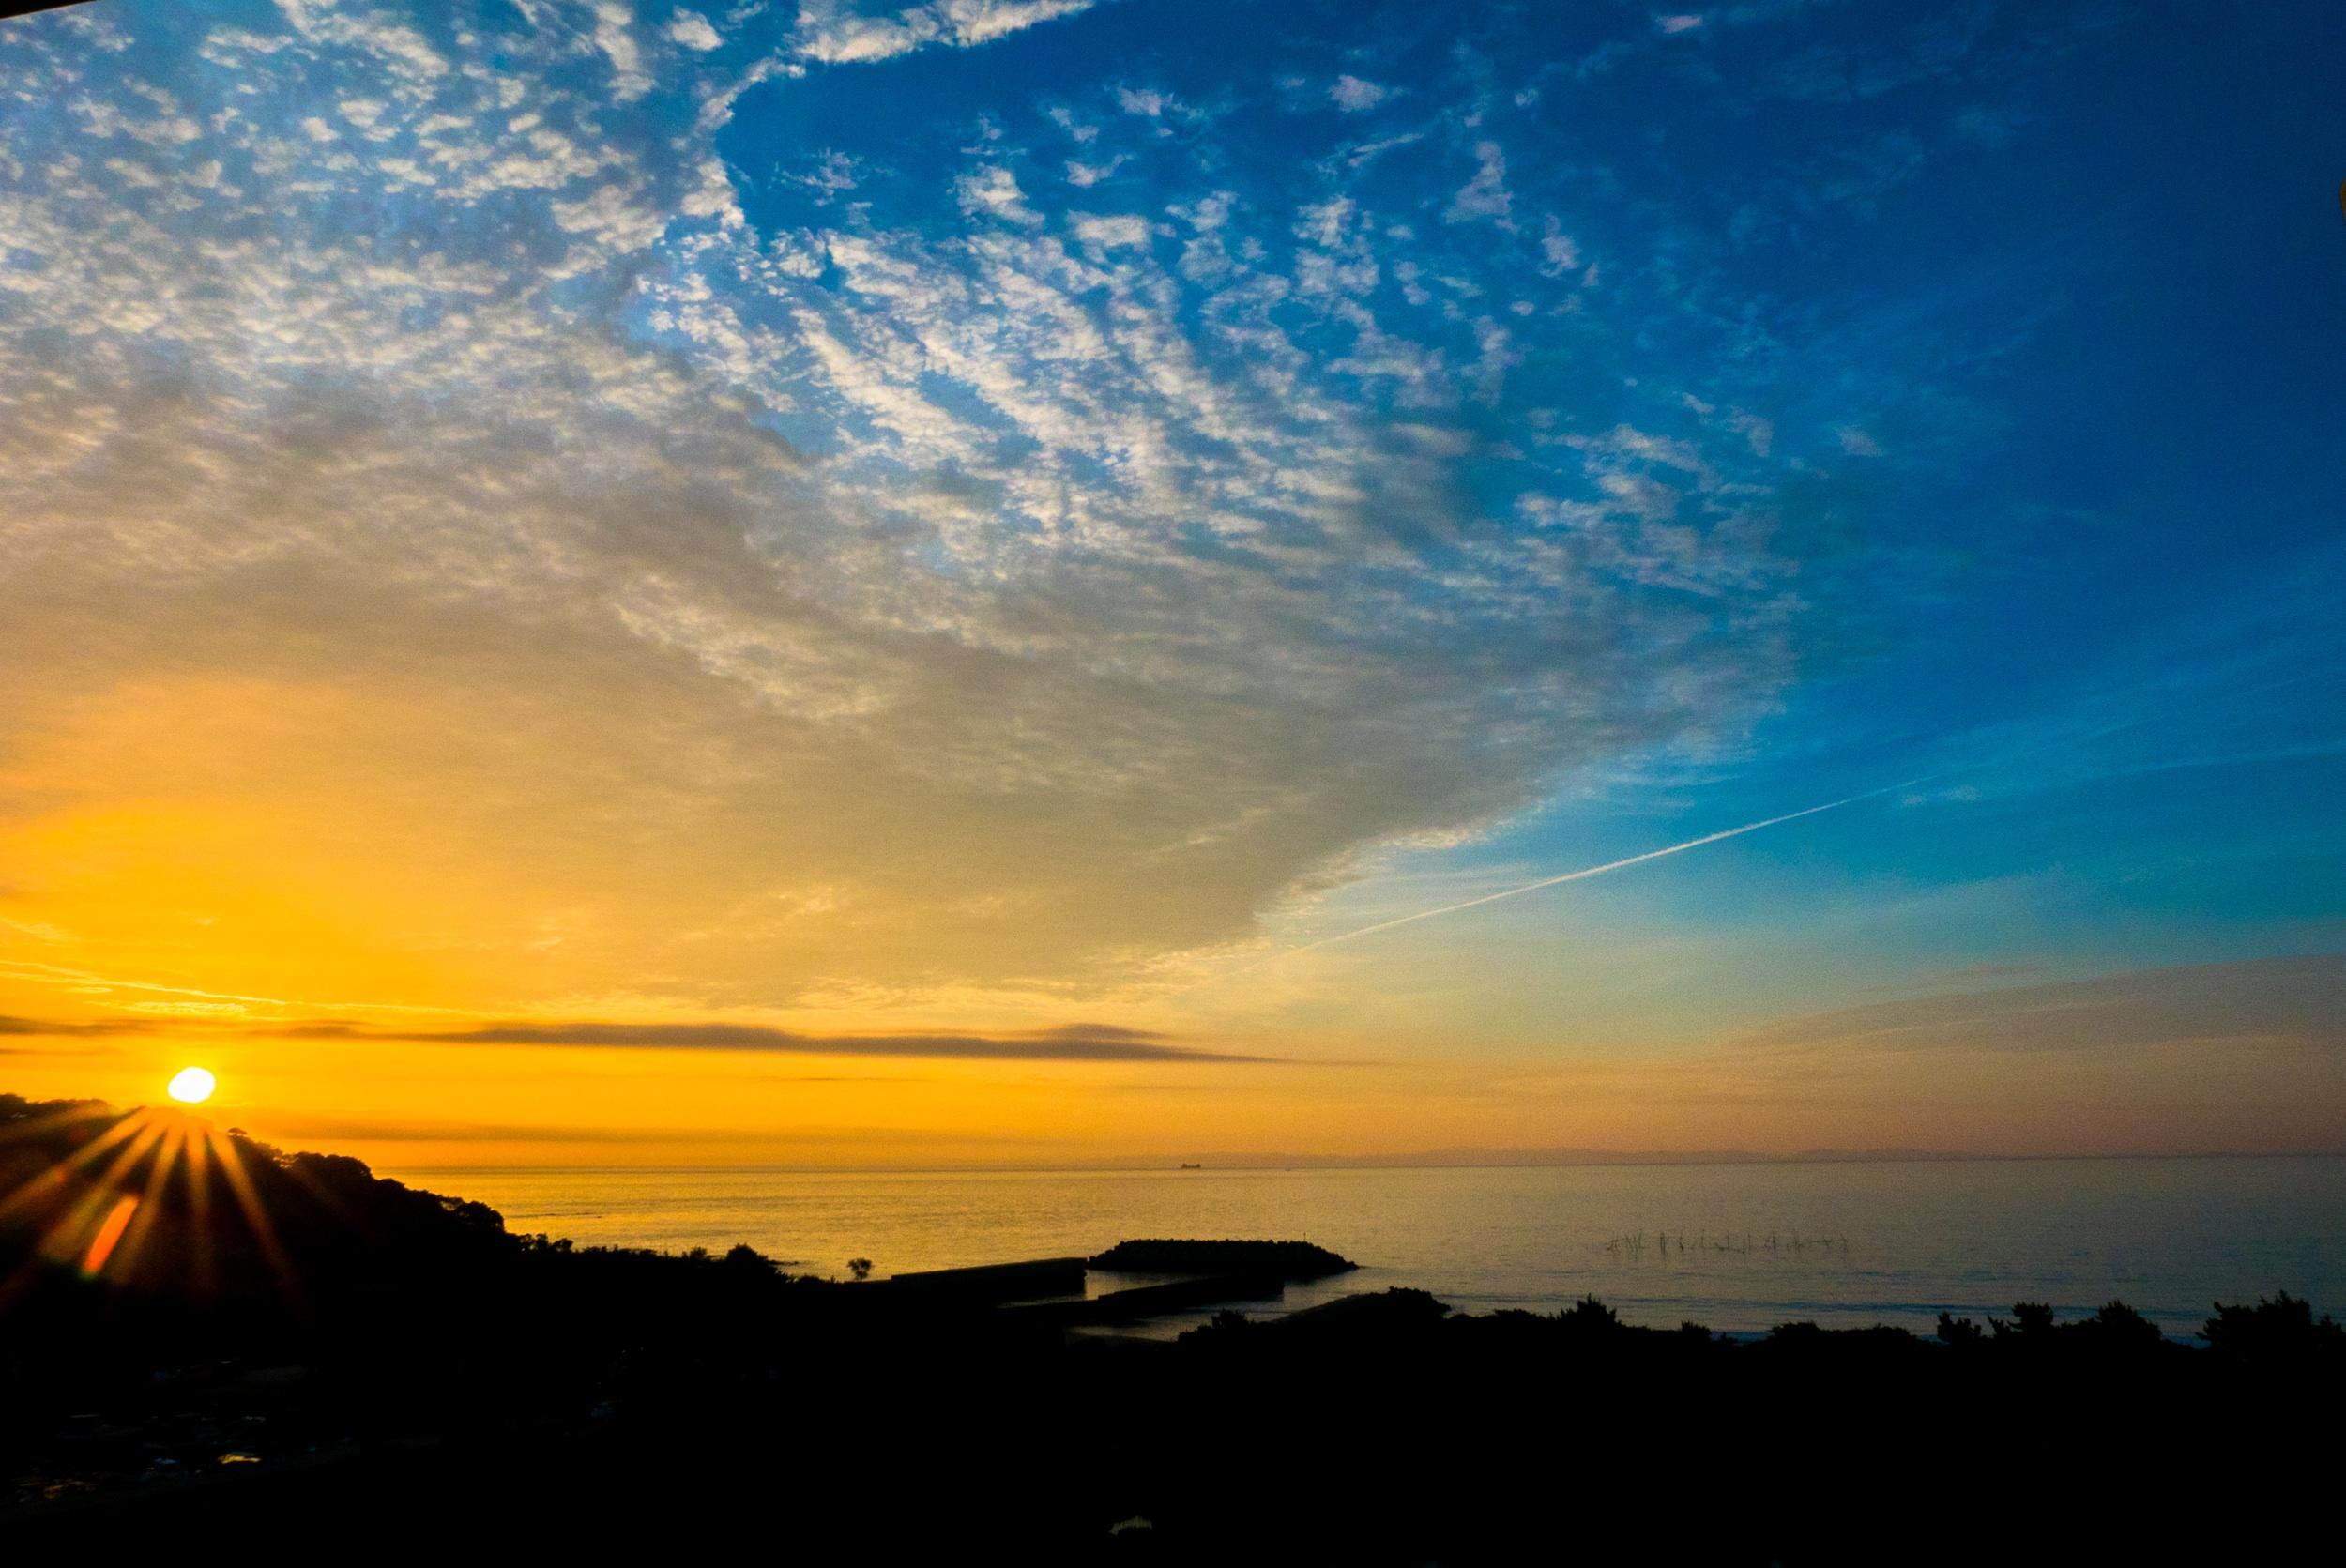 Закат солнца фото картинки